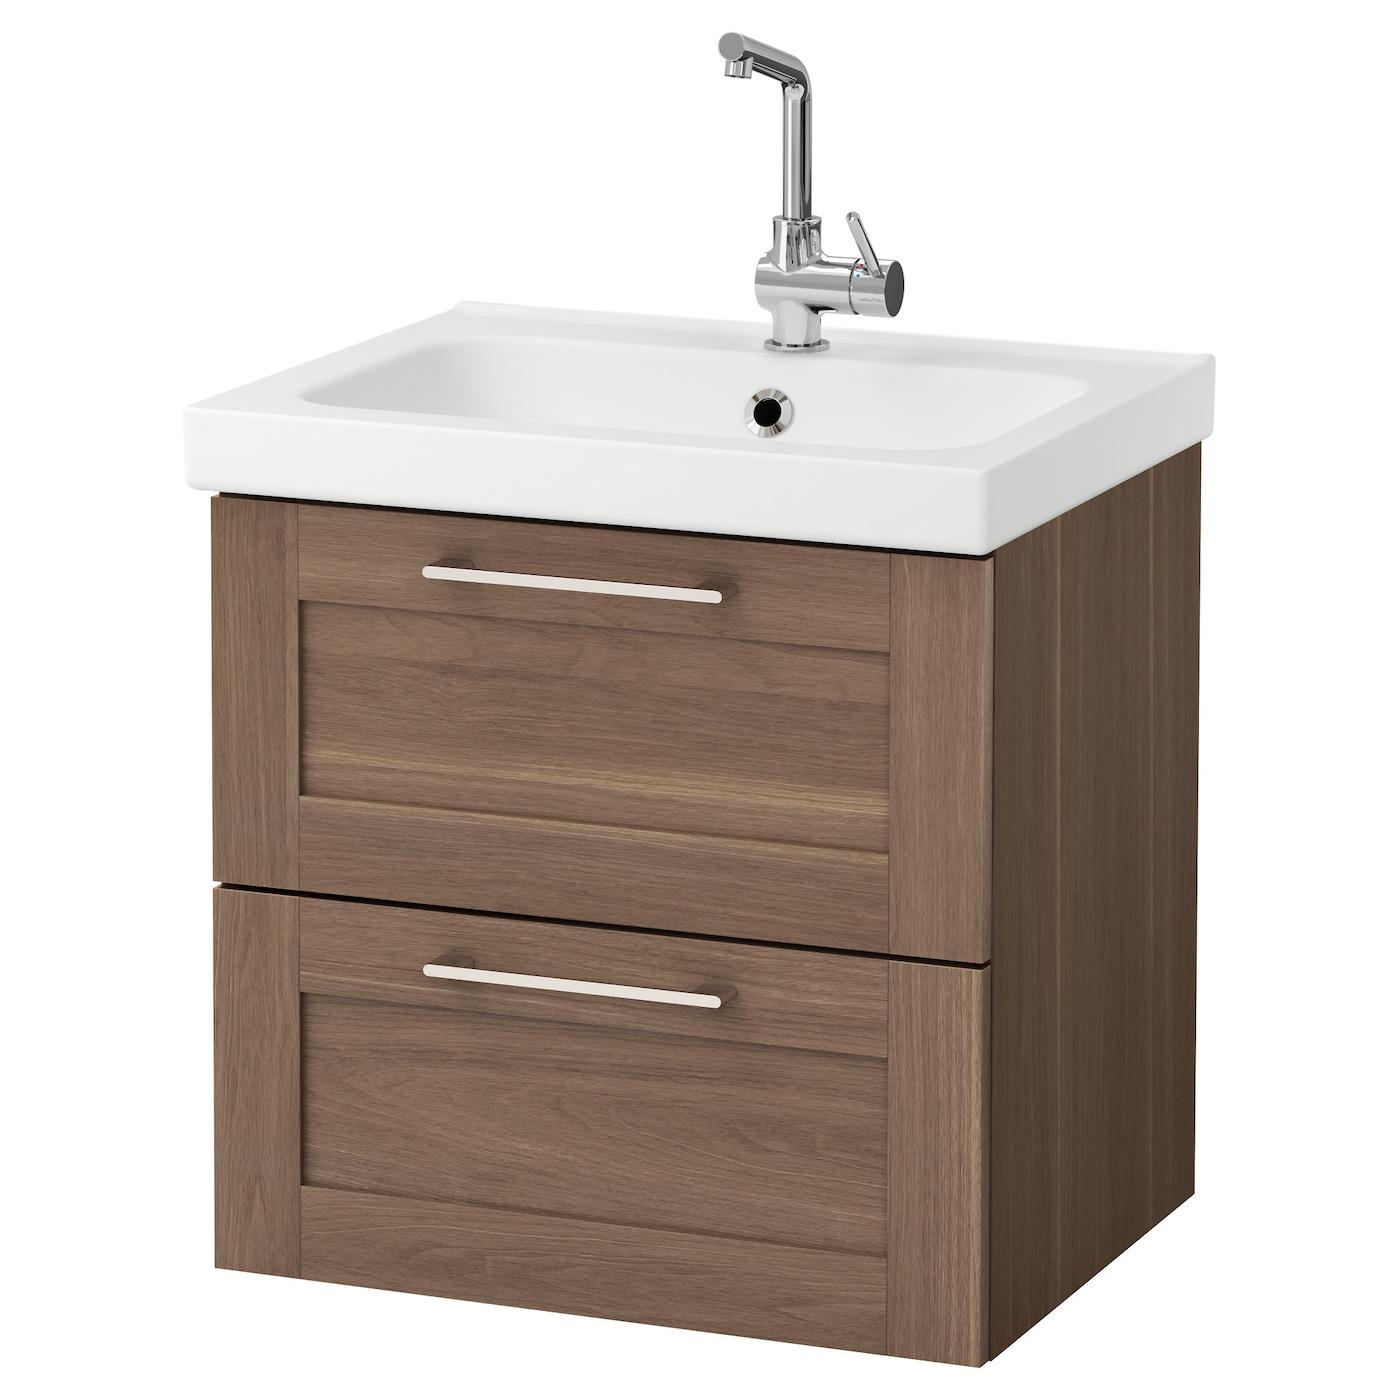 Odensvik godmorgon meuble lavabo 2tir motif noyer 63x49x64 for Lavabo plus meuble